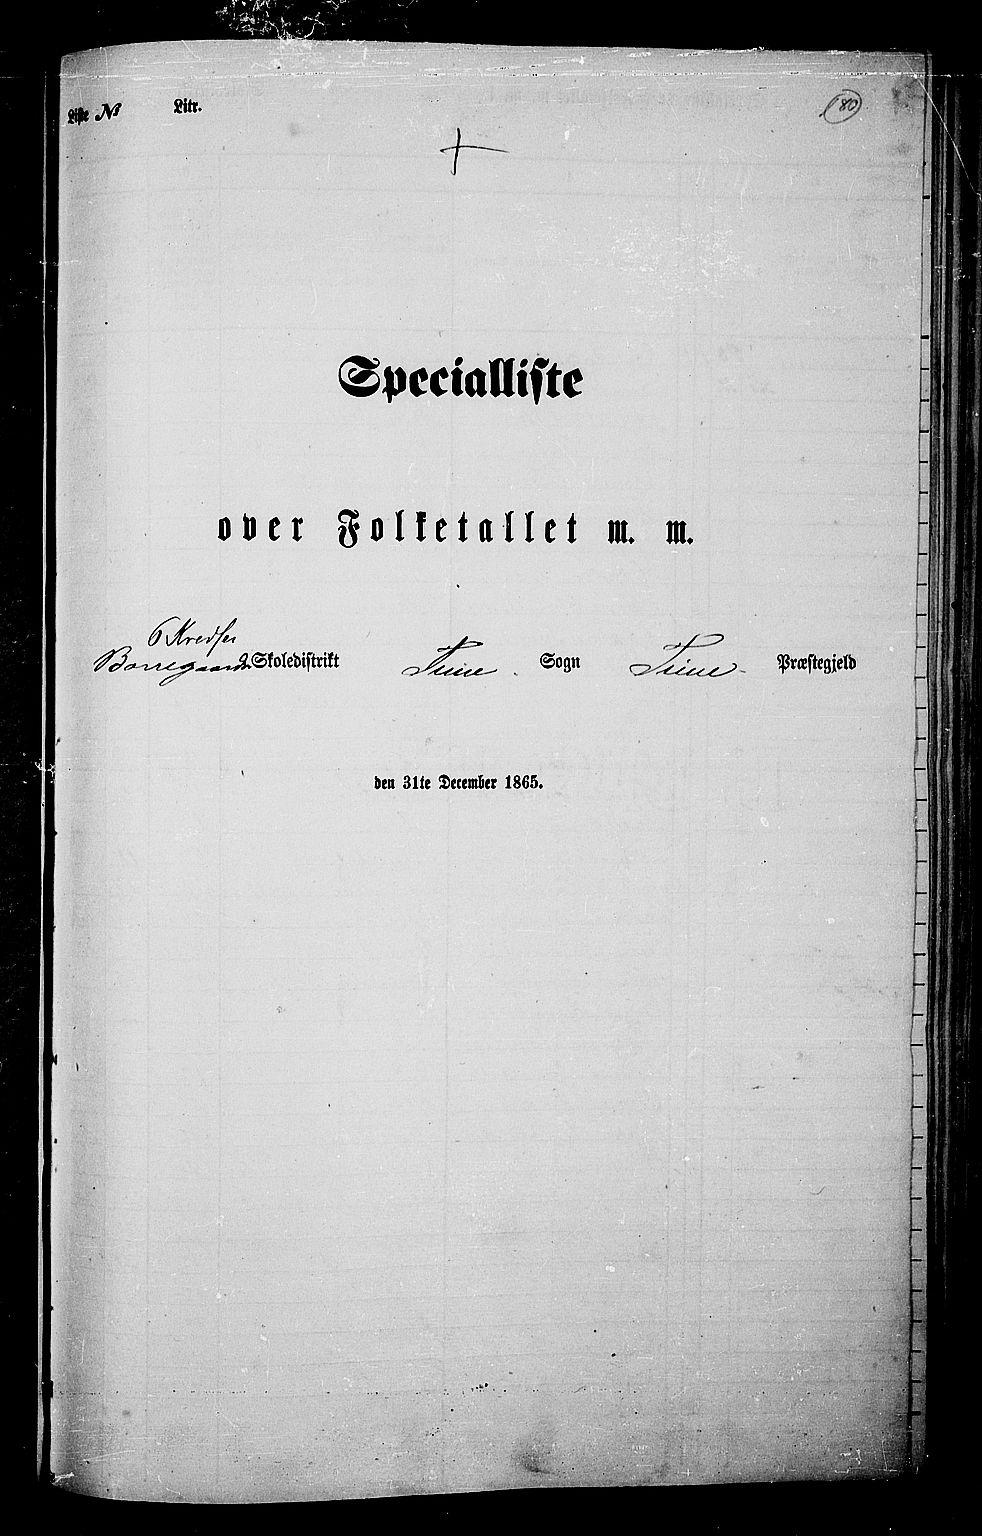 RA, Folketelling 1865 for 0130P Tune prestegjeld, 1865, s. 164